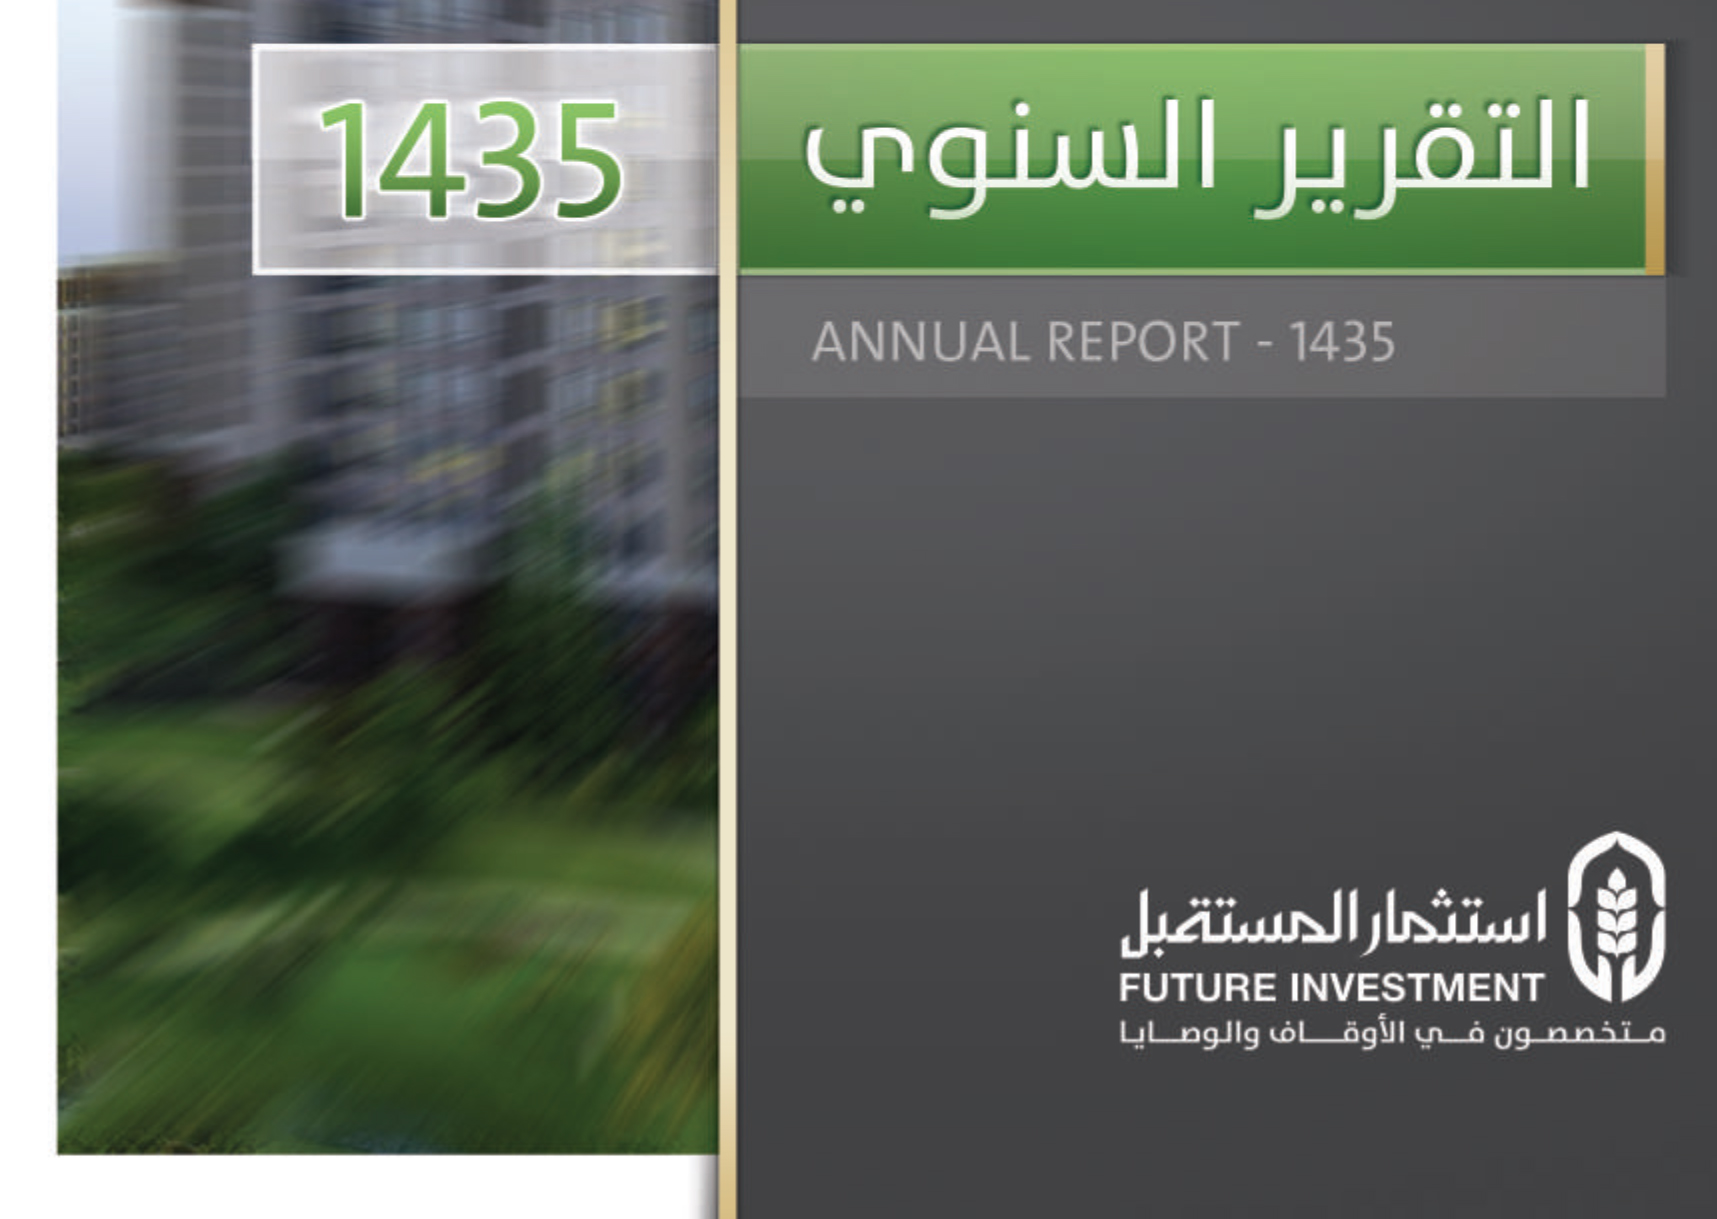 التقرير السنوي الاجمالي لعام 1435 هـ